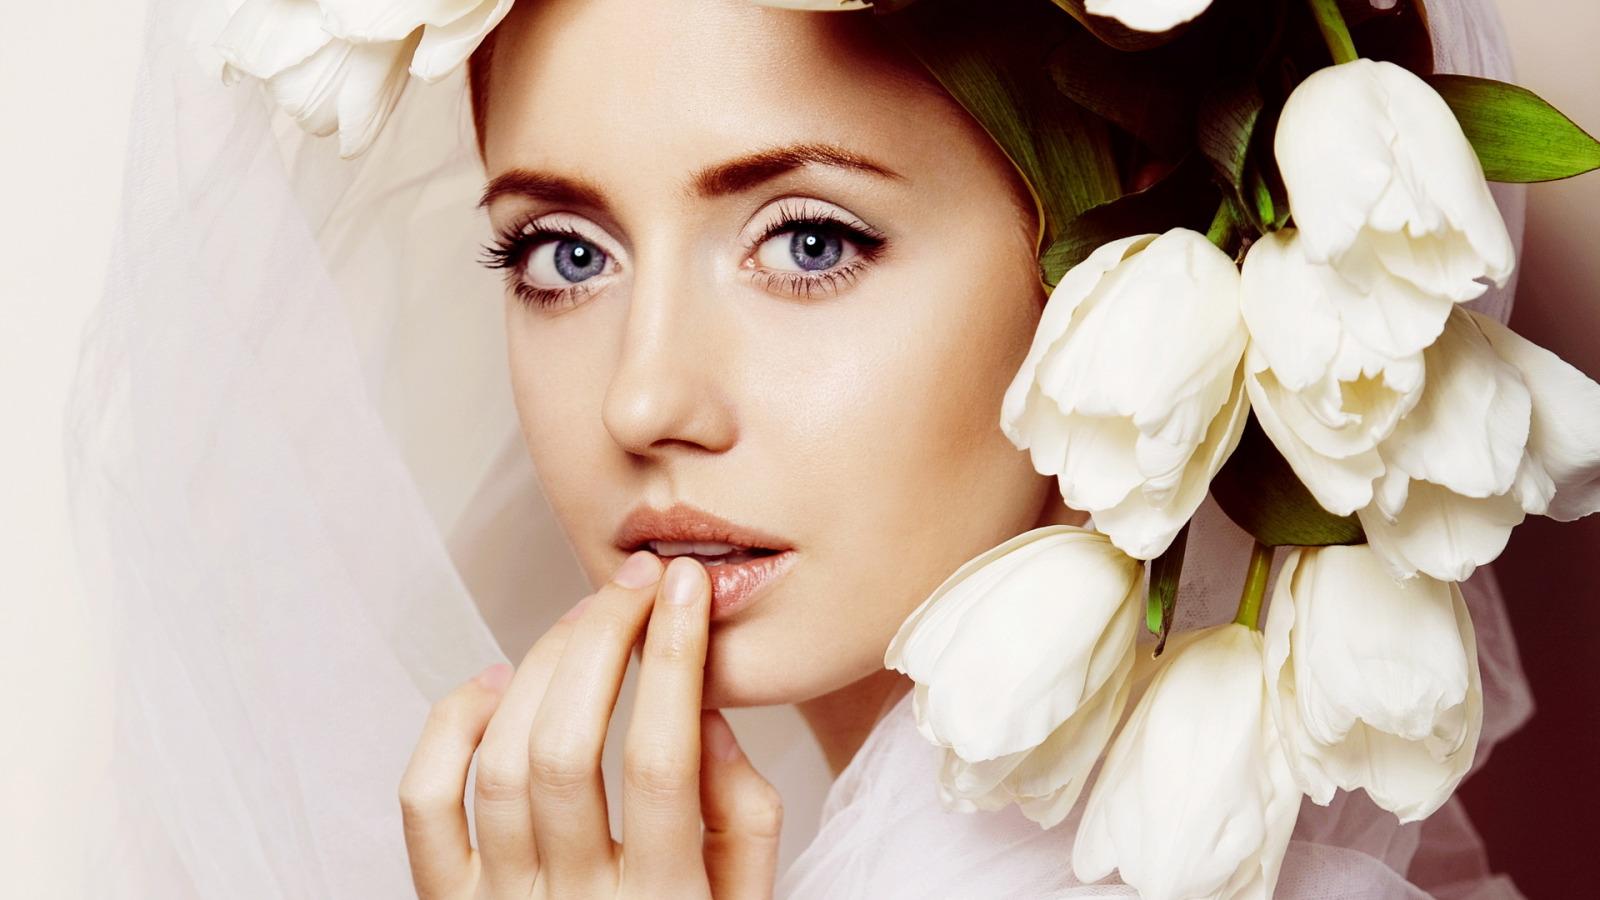 Профессиональная косметика для визажистов vov 25 фотография